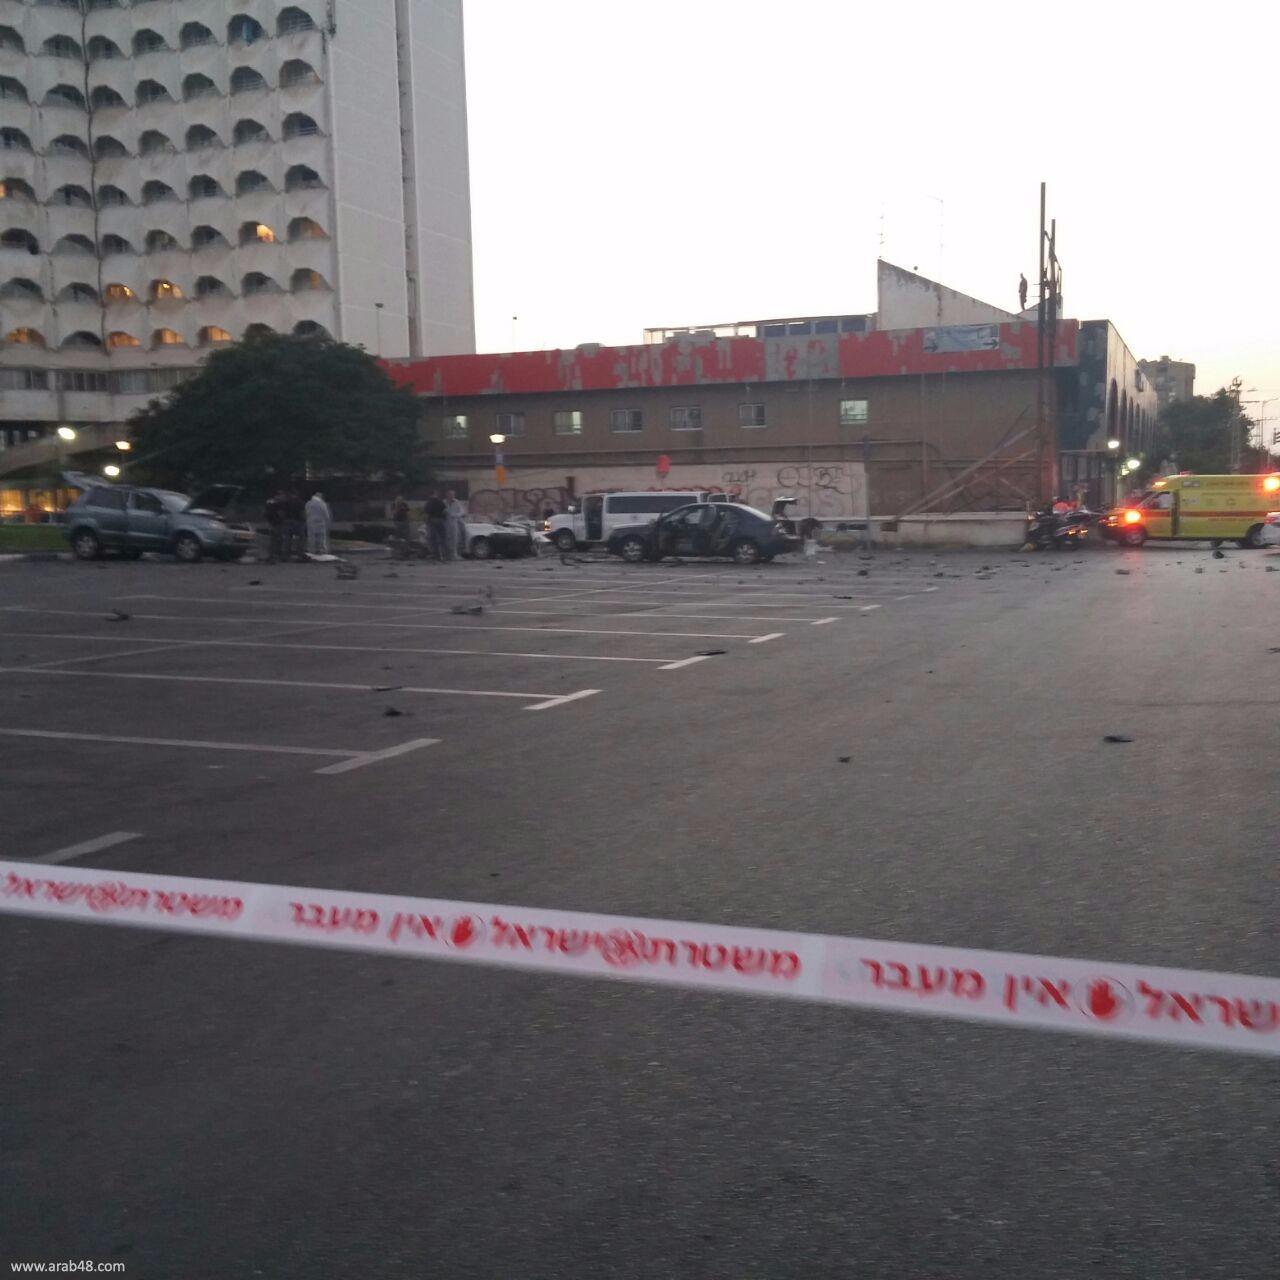 تل أبيب: مقتل عربي من يافا في انفجار سيارة